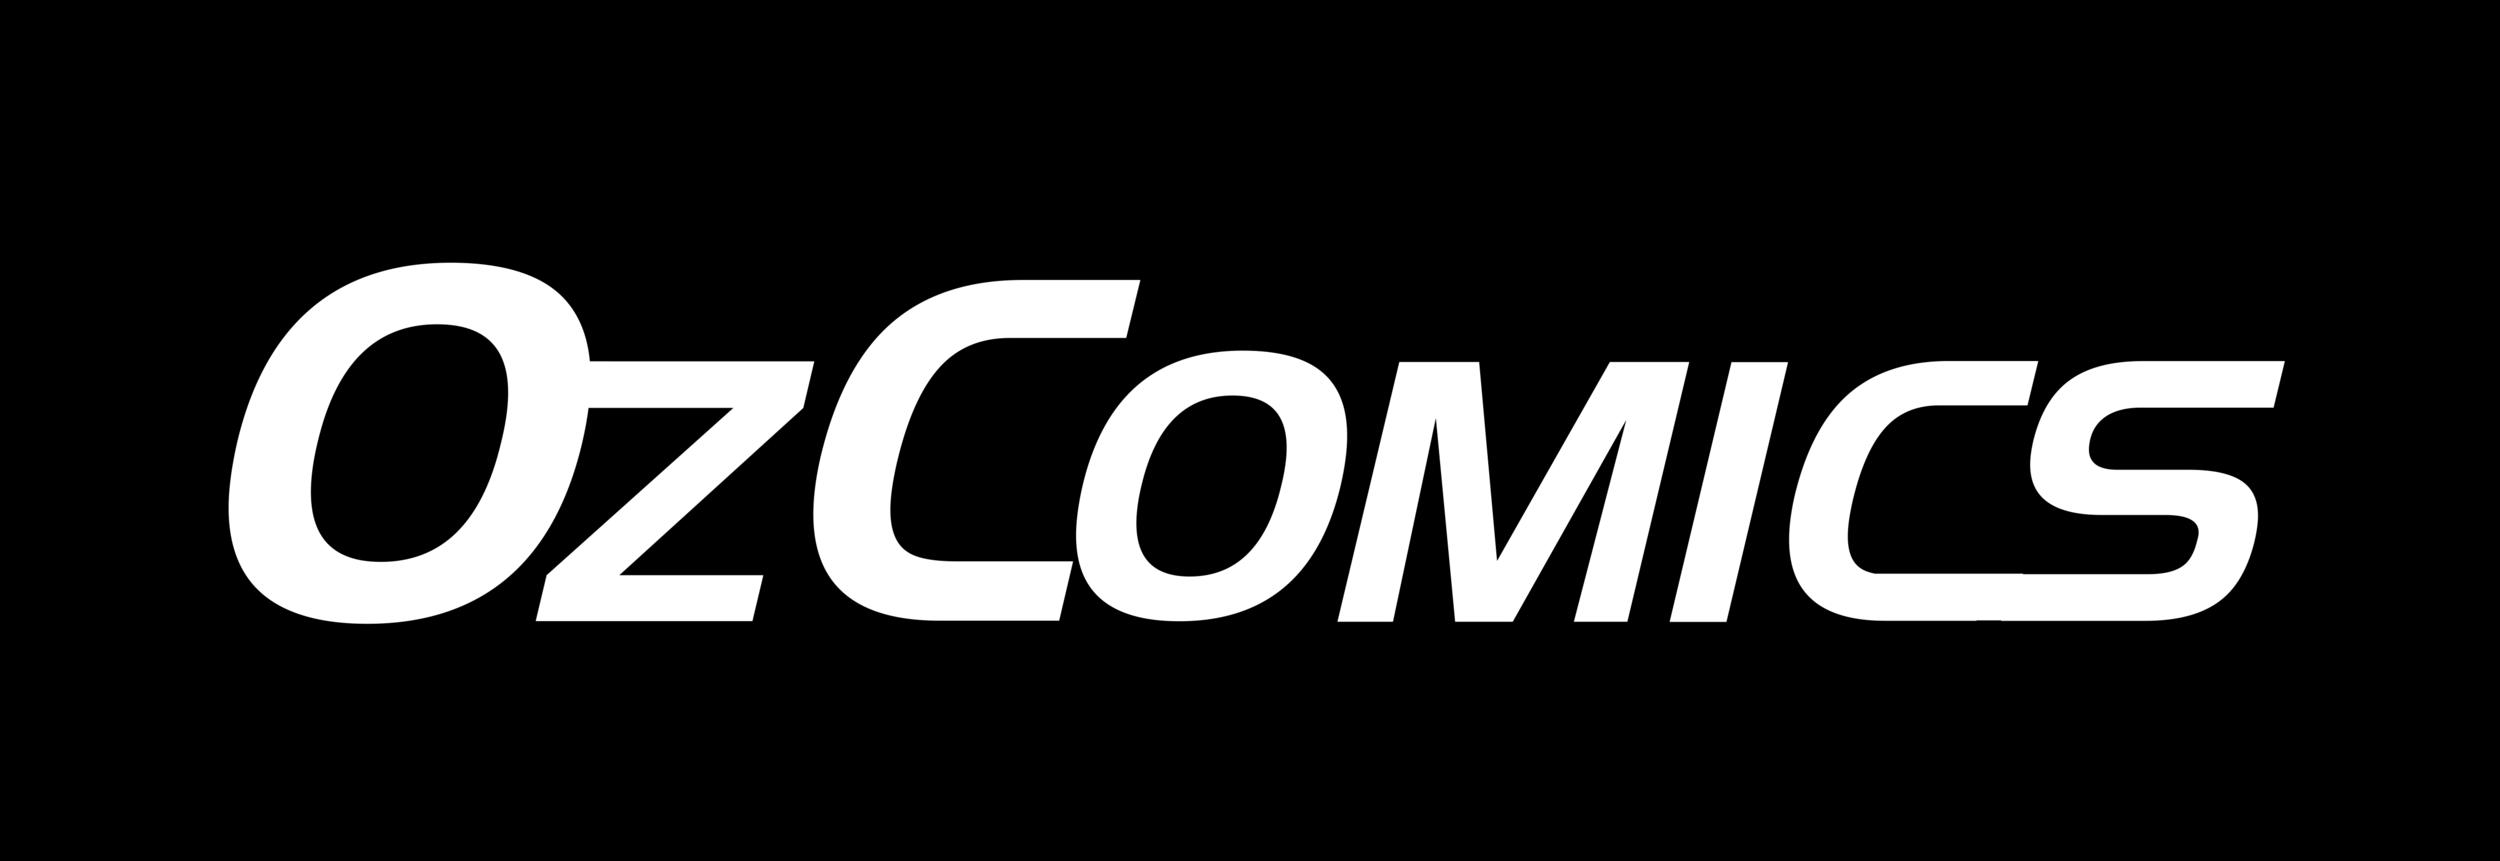 ozcomics_logo_hires.png